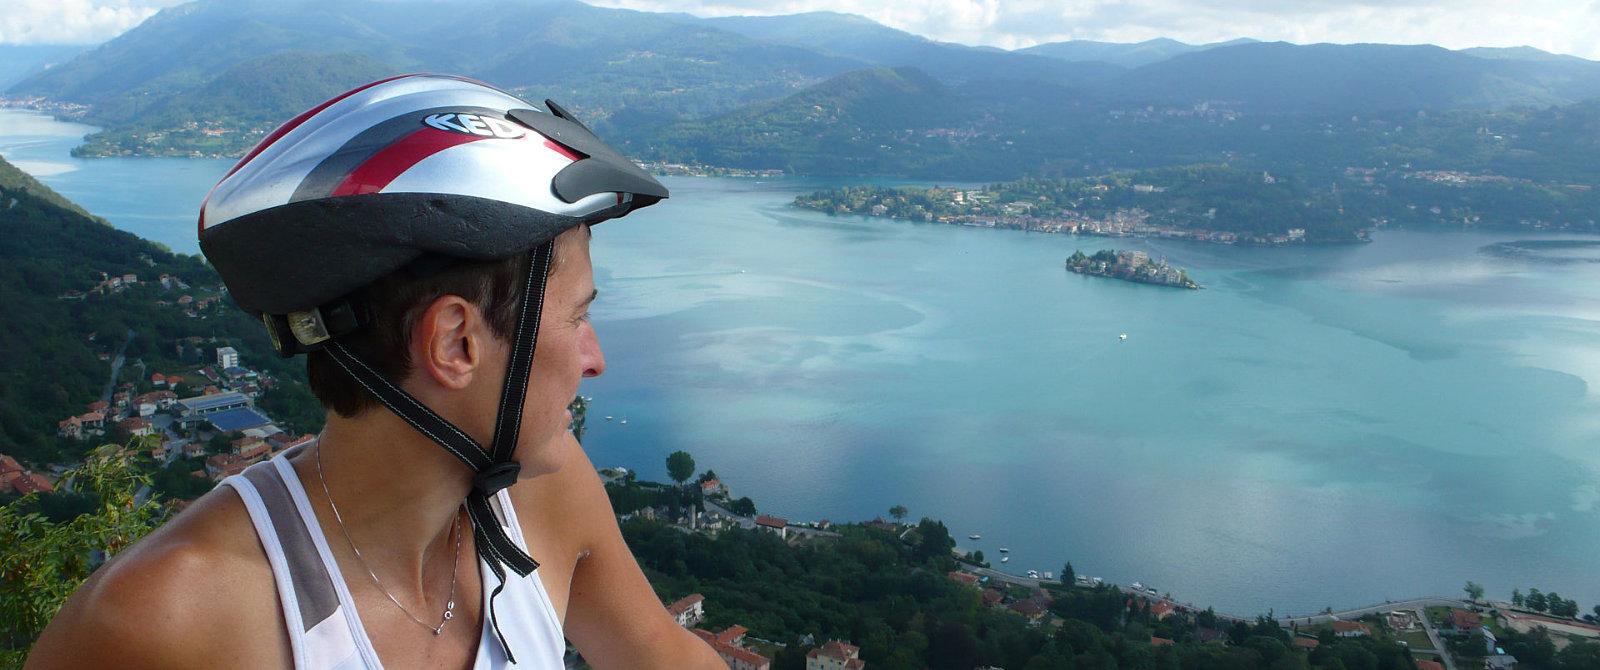 Il lago d'Orta visto dall'alto della Madonna del Sasso